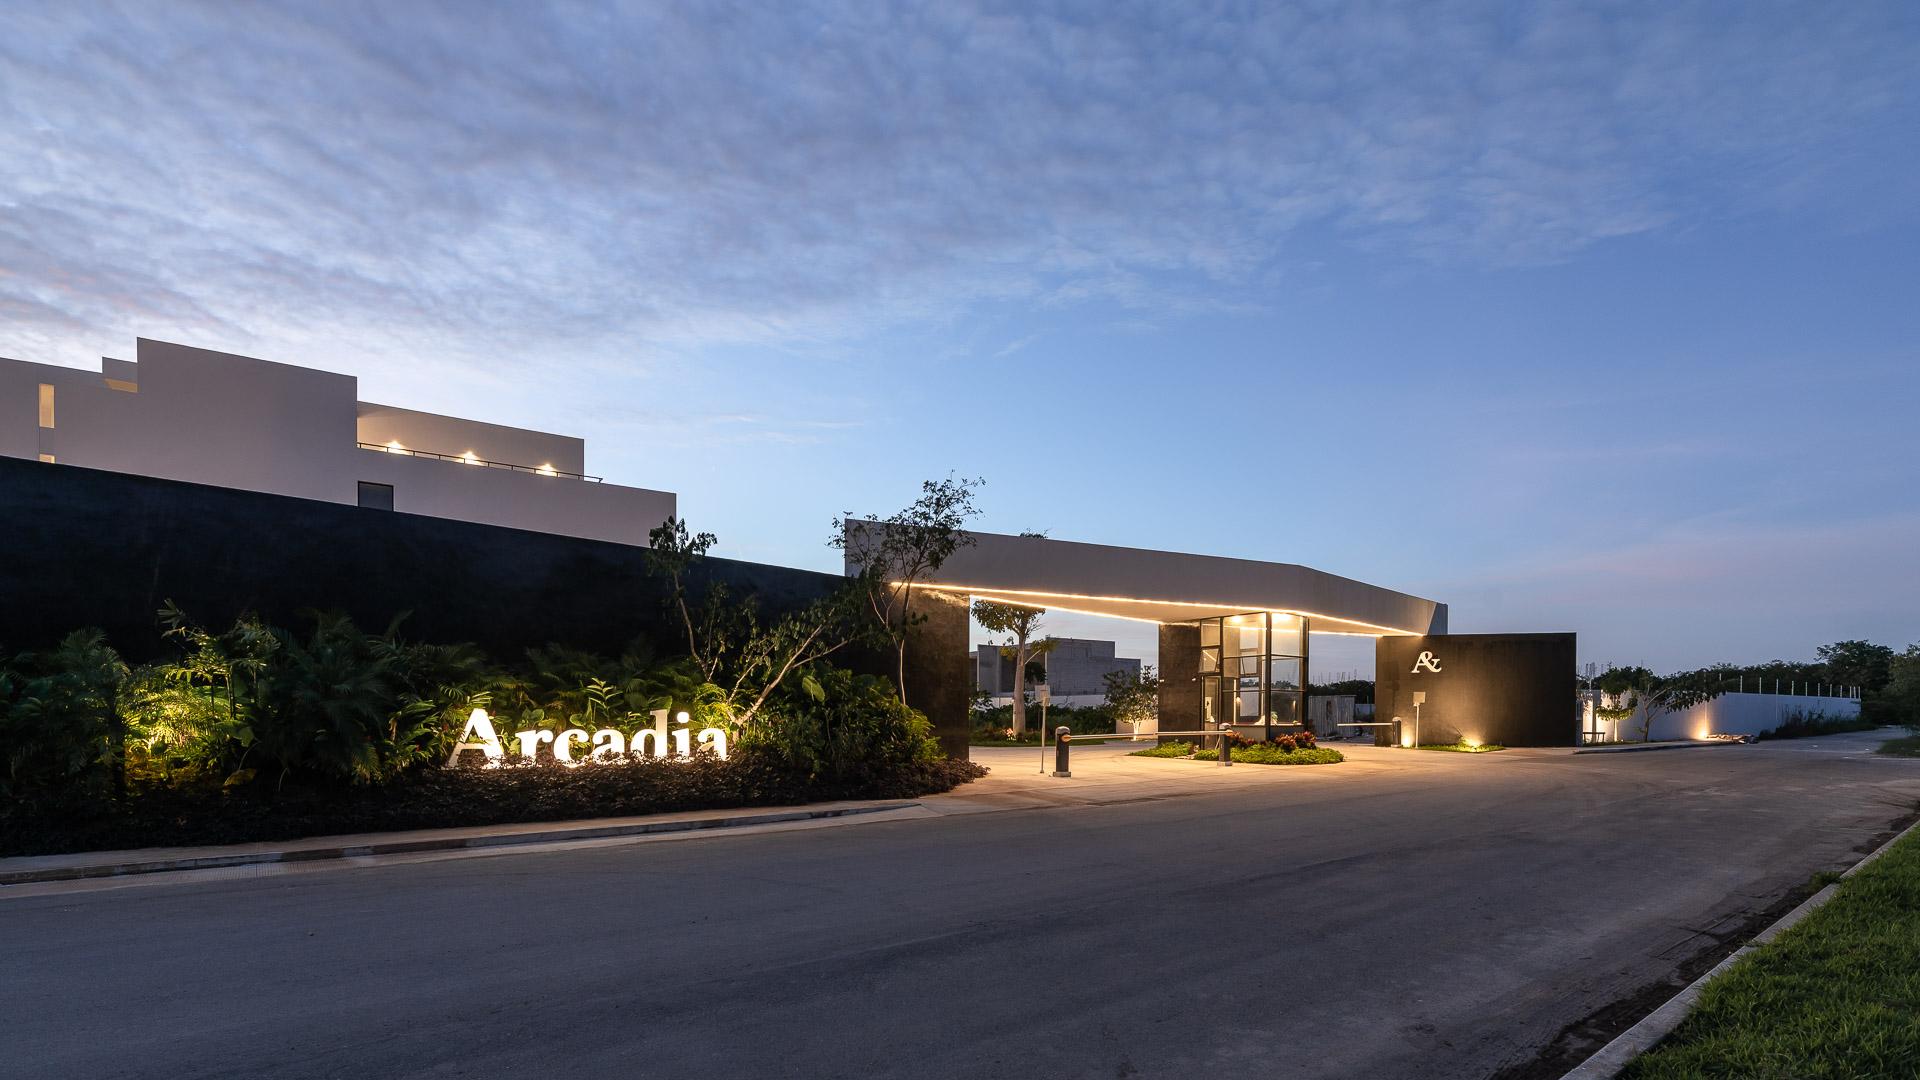 ARCADIA_Studio 360-27